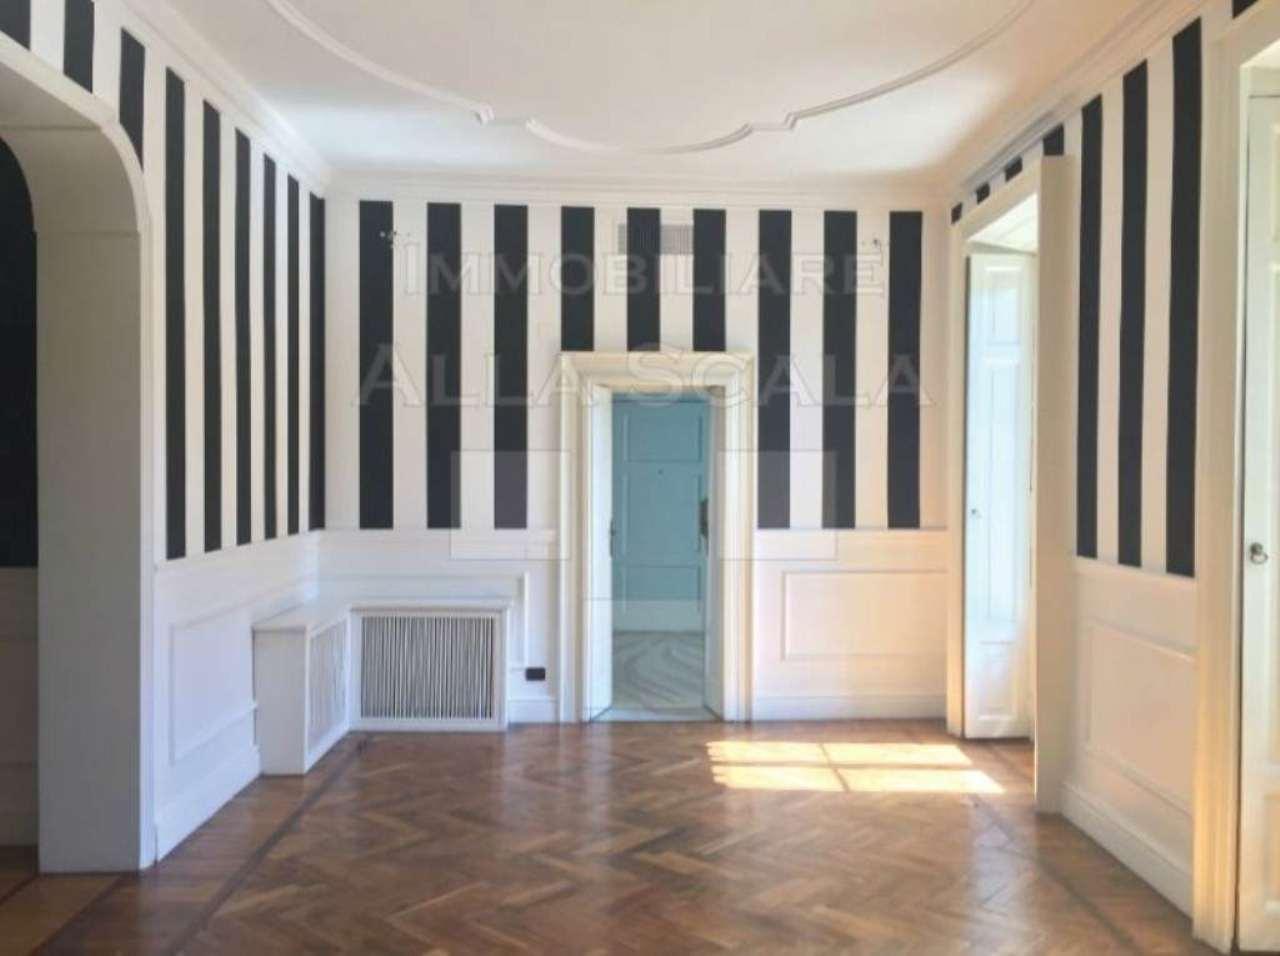 Ufficio / Studio in affitto a Milano, 8 locali, zona Zona: 1 . Centro Storico, Duomo, Brera, Cadorna, Cattolica, prezzo € 6.250 | Cambio Casa.it